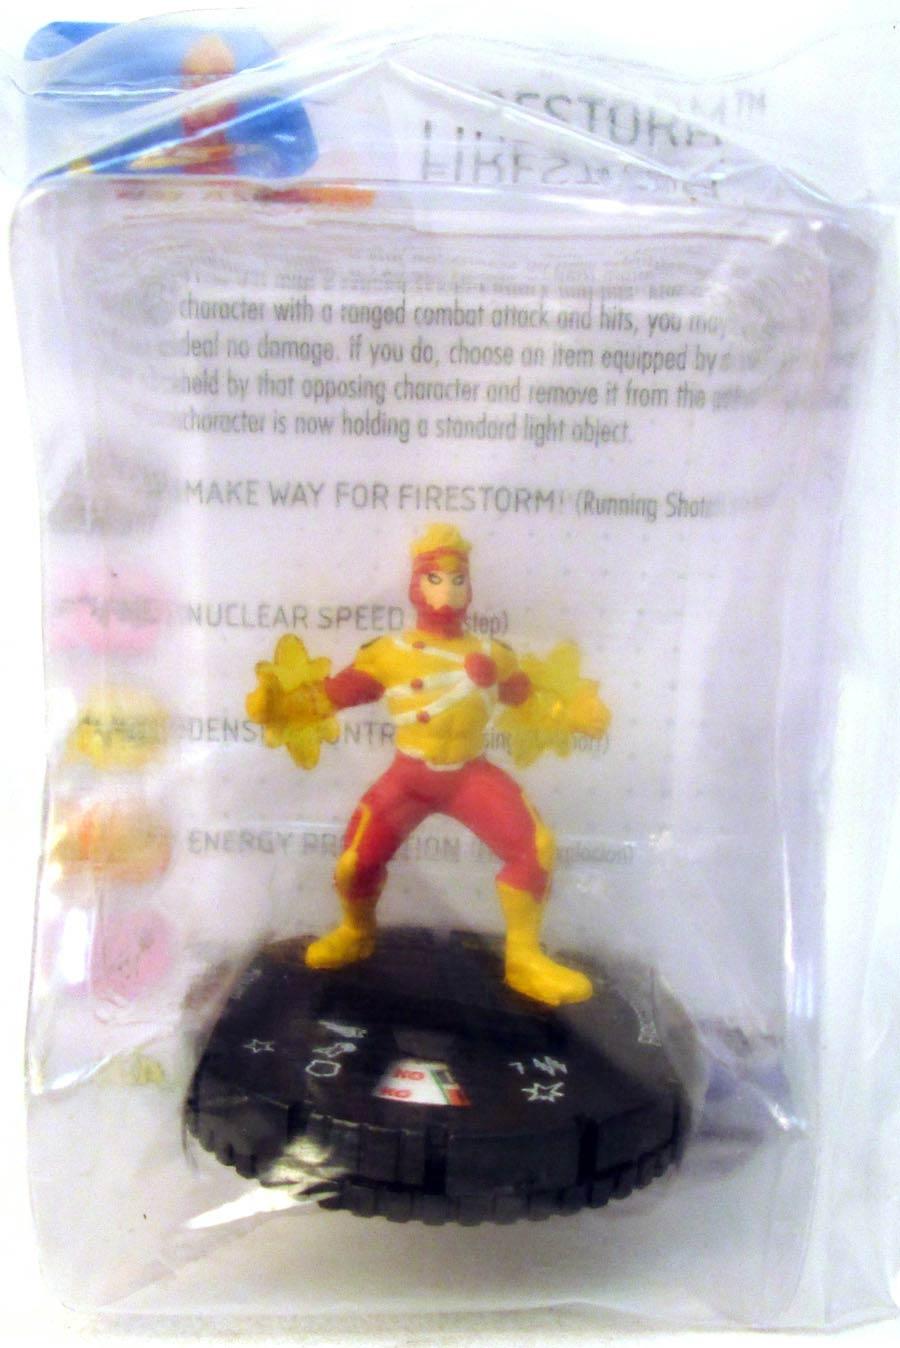 DC HeroClix Justice League 2016 Firestorm D16-012 Mini Figure With Card